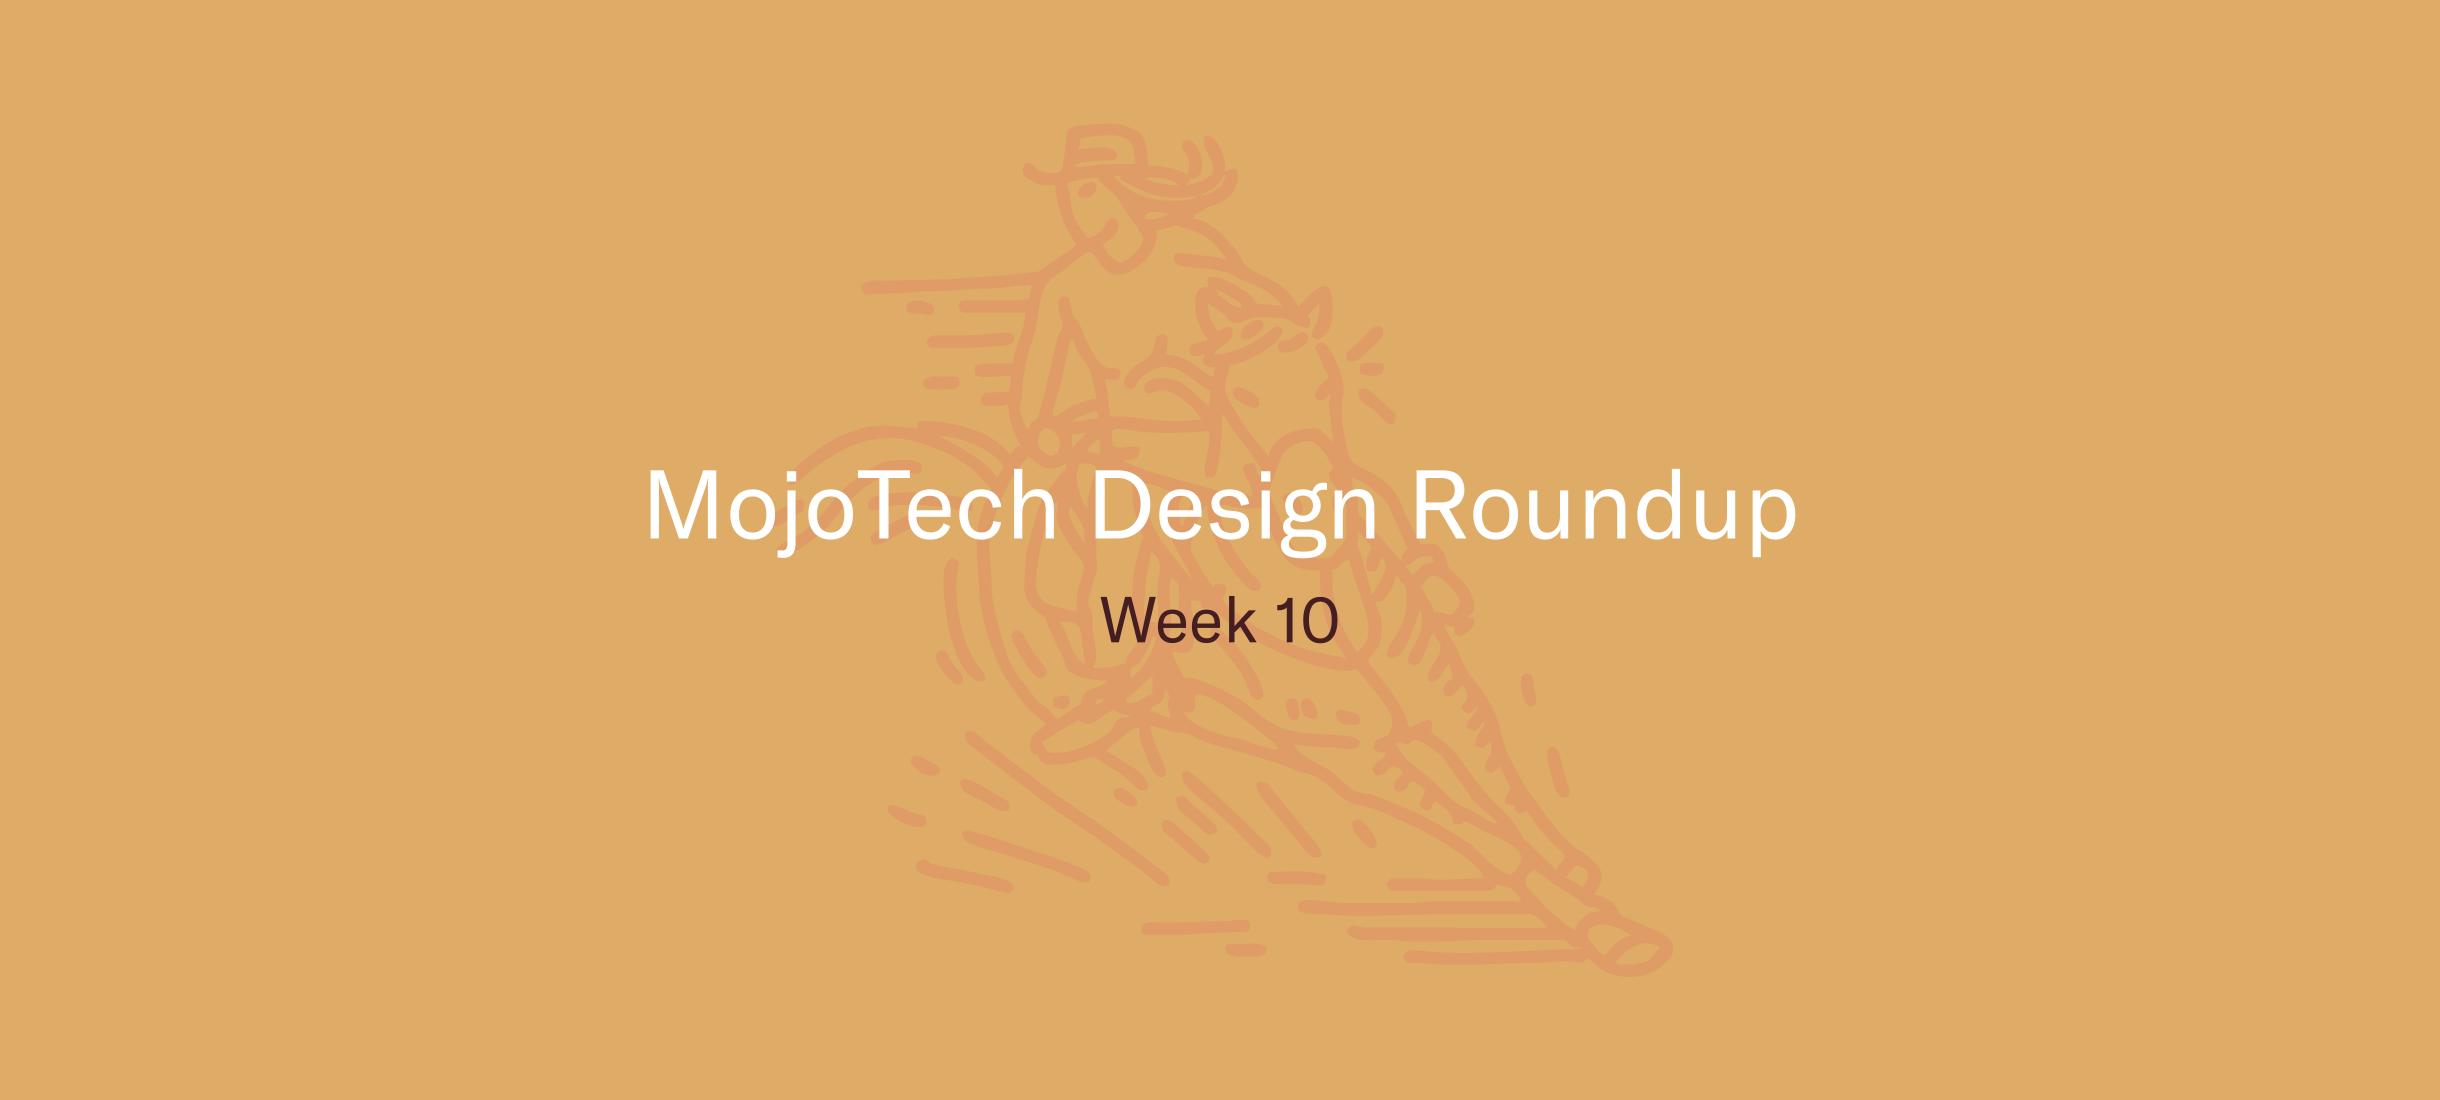 MojoTech Design Roundup week 10